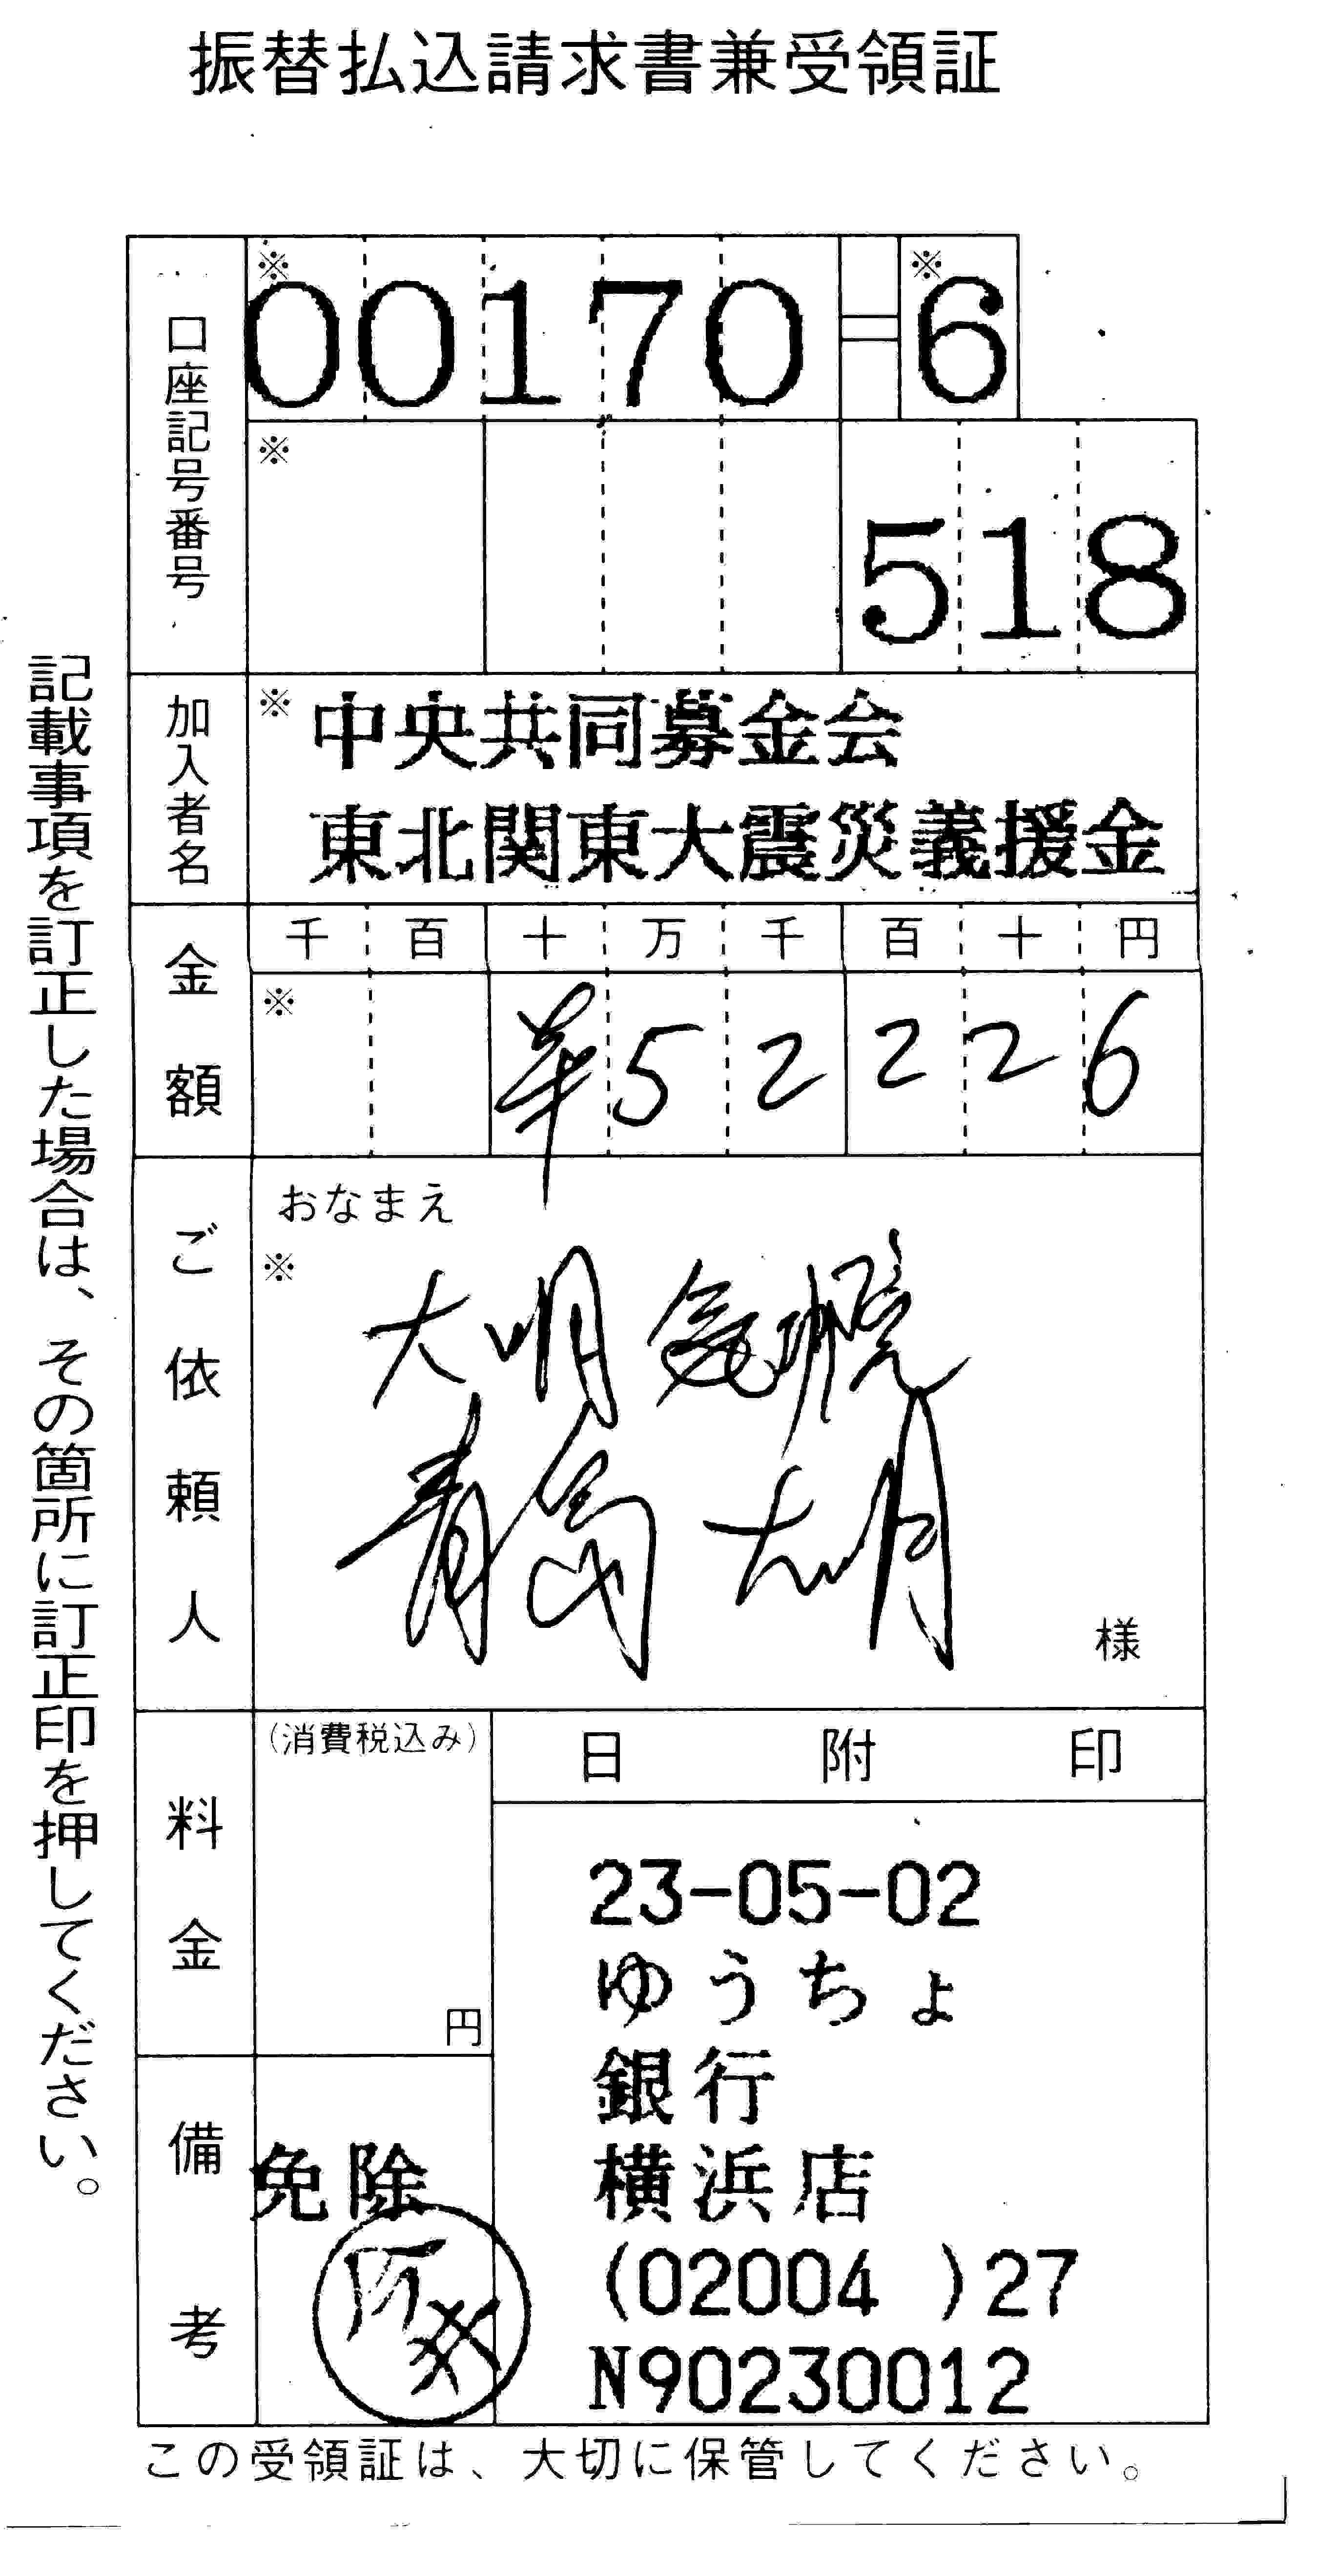 大明気功院 東日本大震災 義援金領収証1